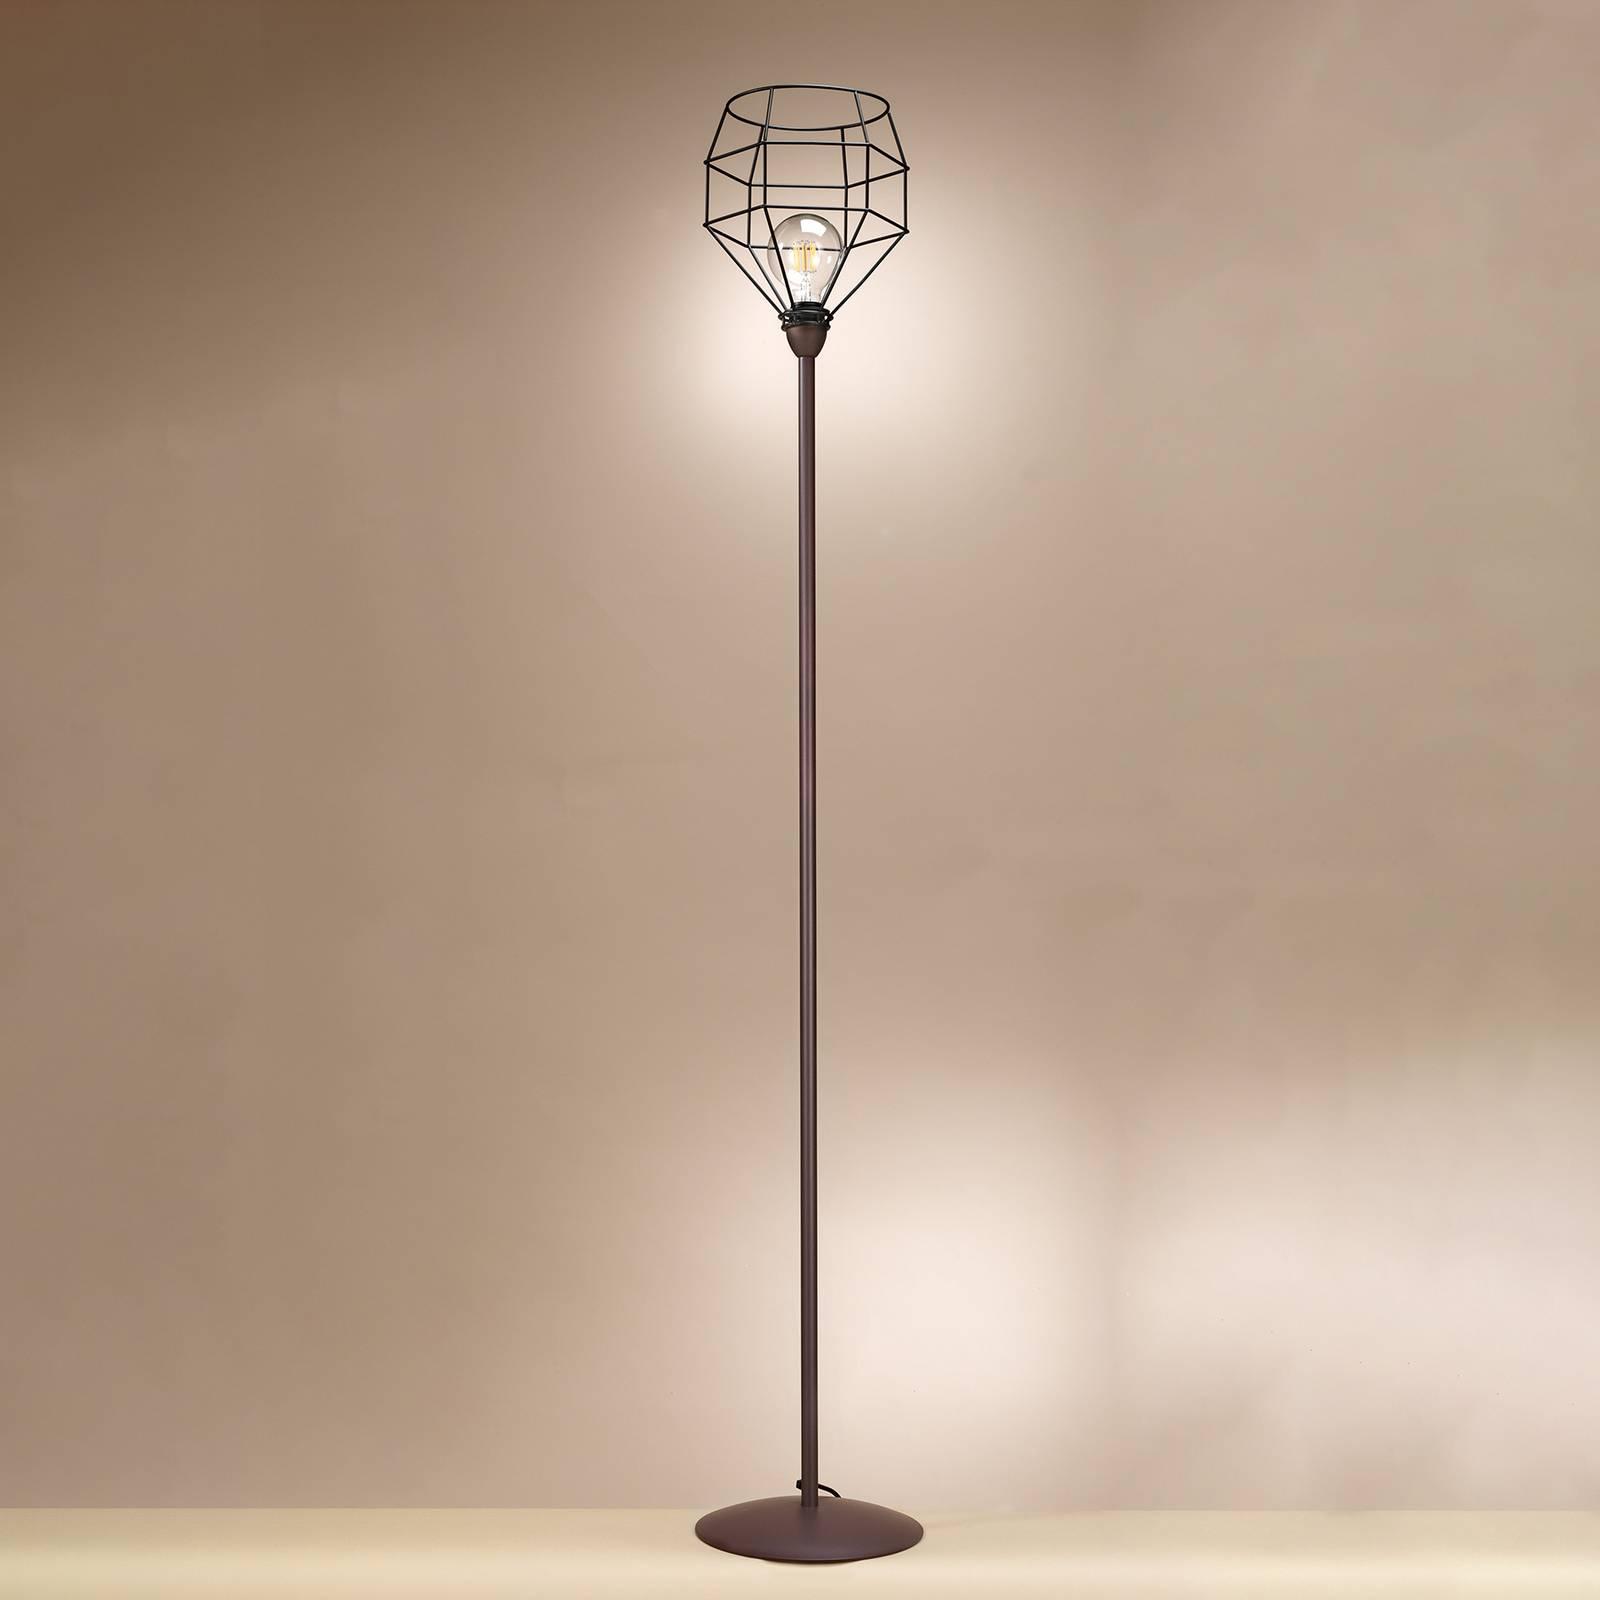 Lampa stojąca Spider czarna z klatkowym kloszem